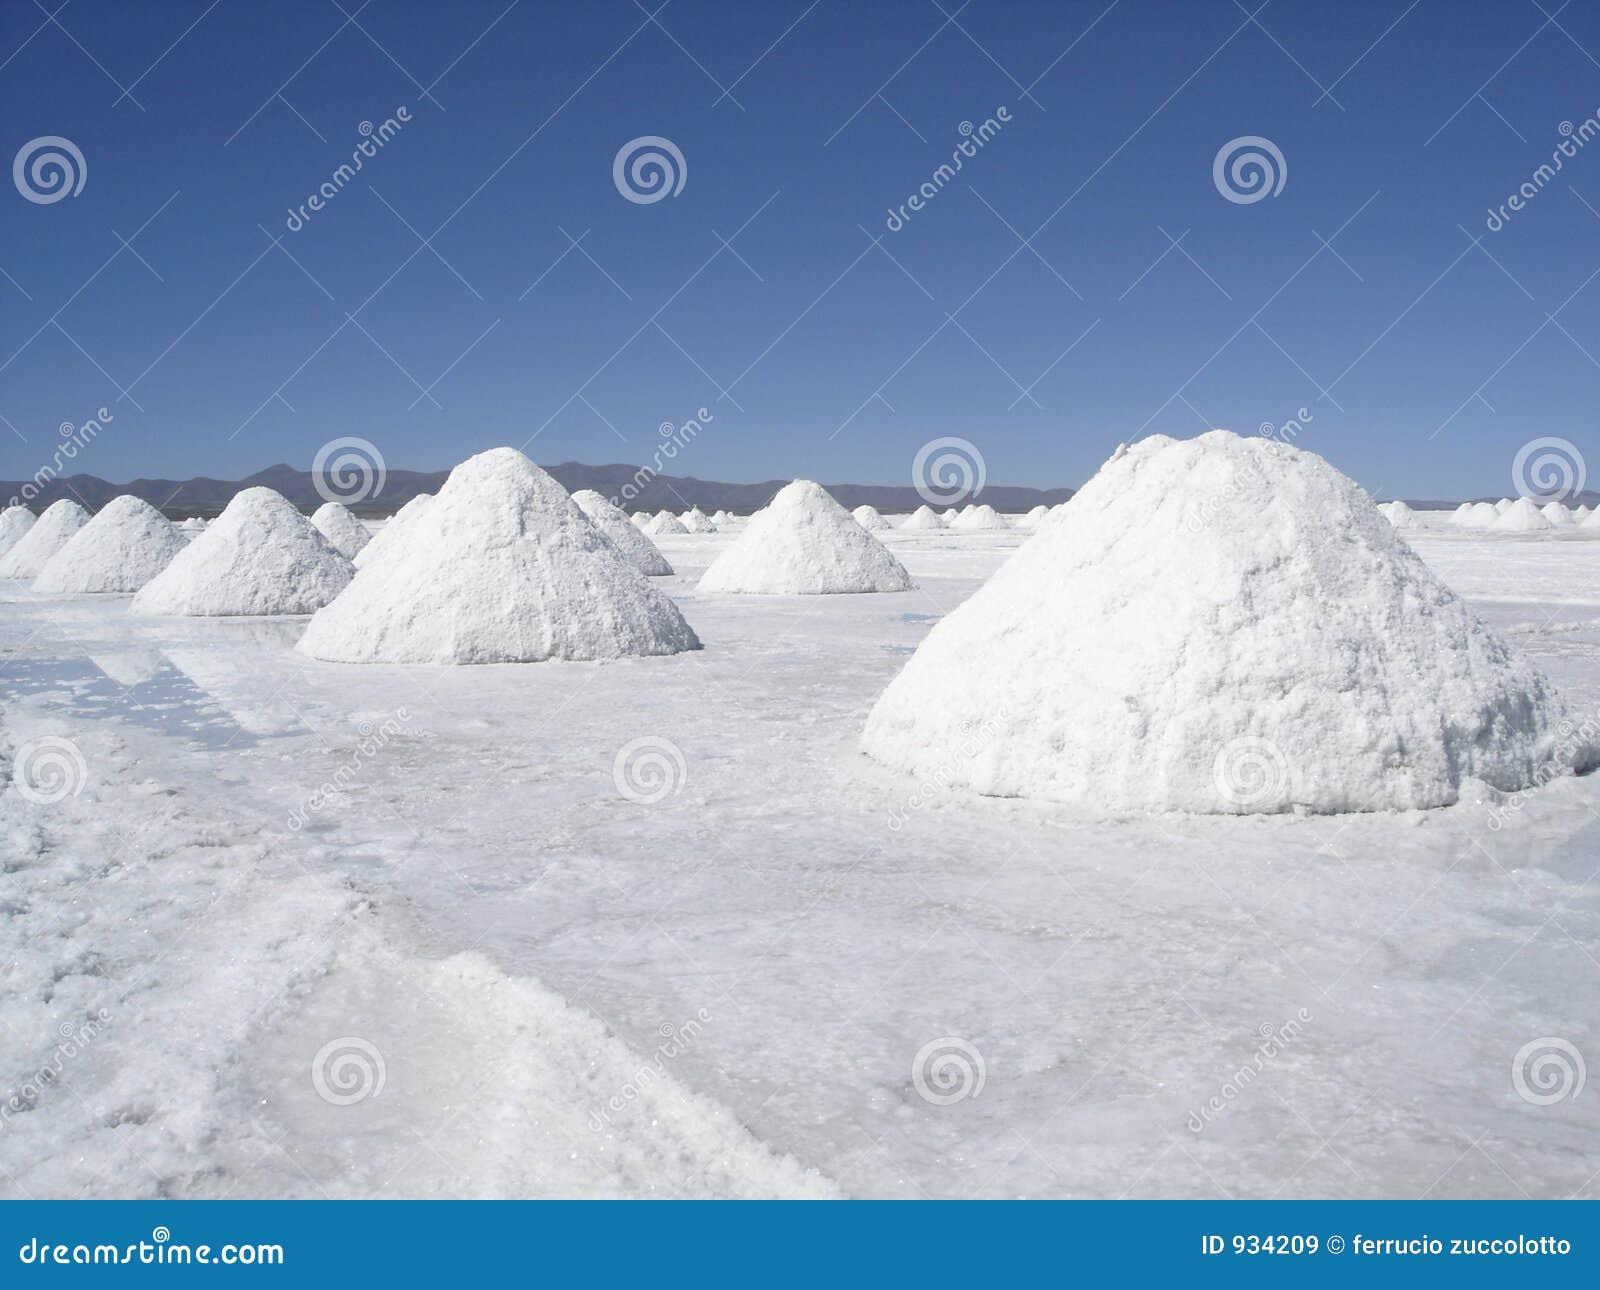 Download Salt Desert stock image. Image of mountain, trip, travel - 934209